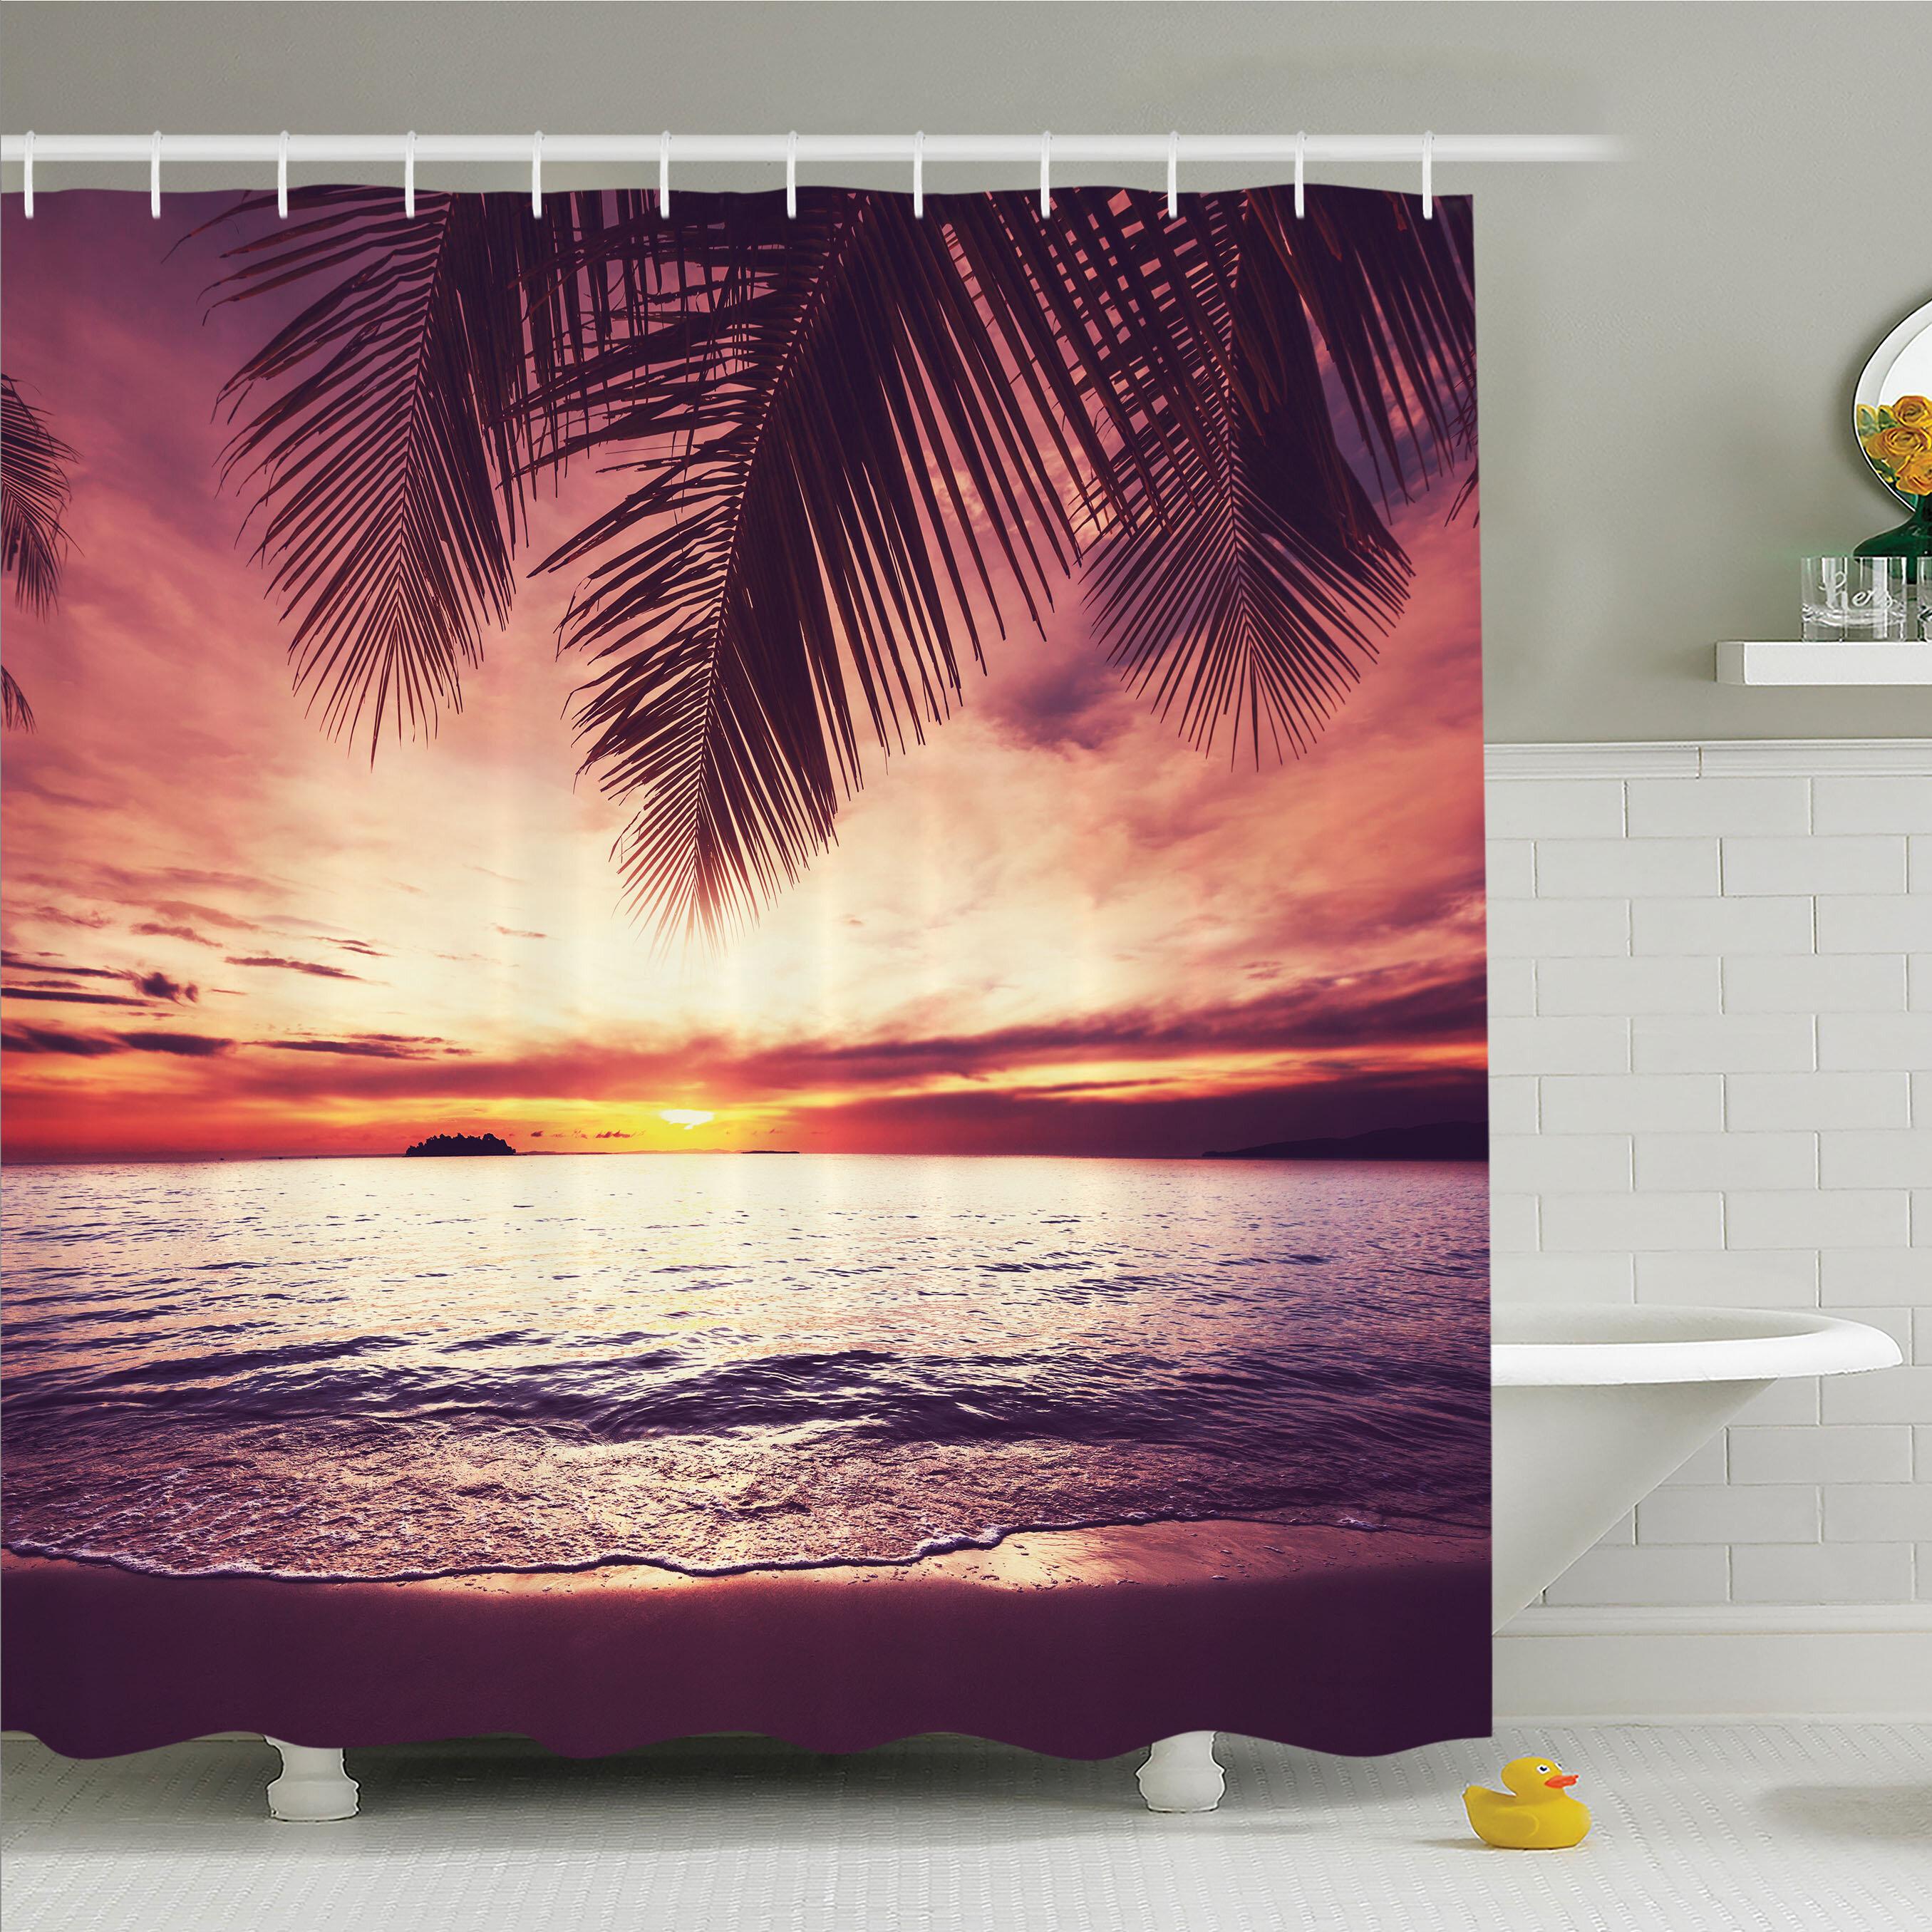 Tree Shadow Waterproof Bathroom Polyester Shower Curtain Liner Water Resistant